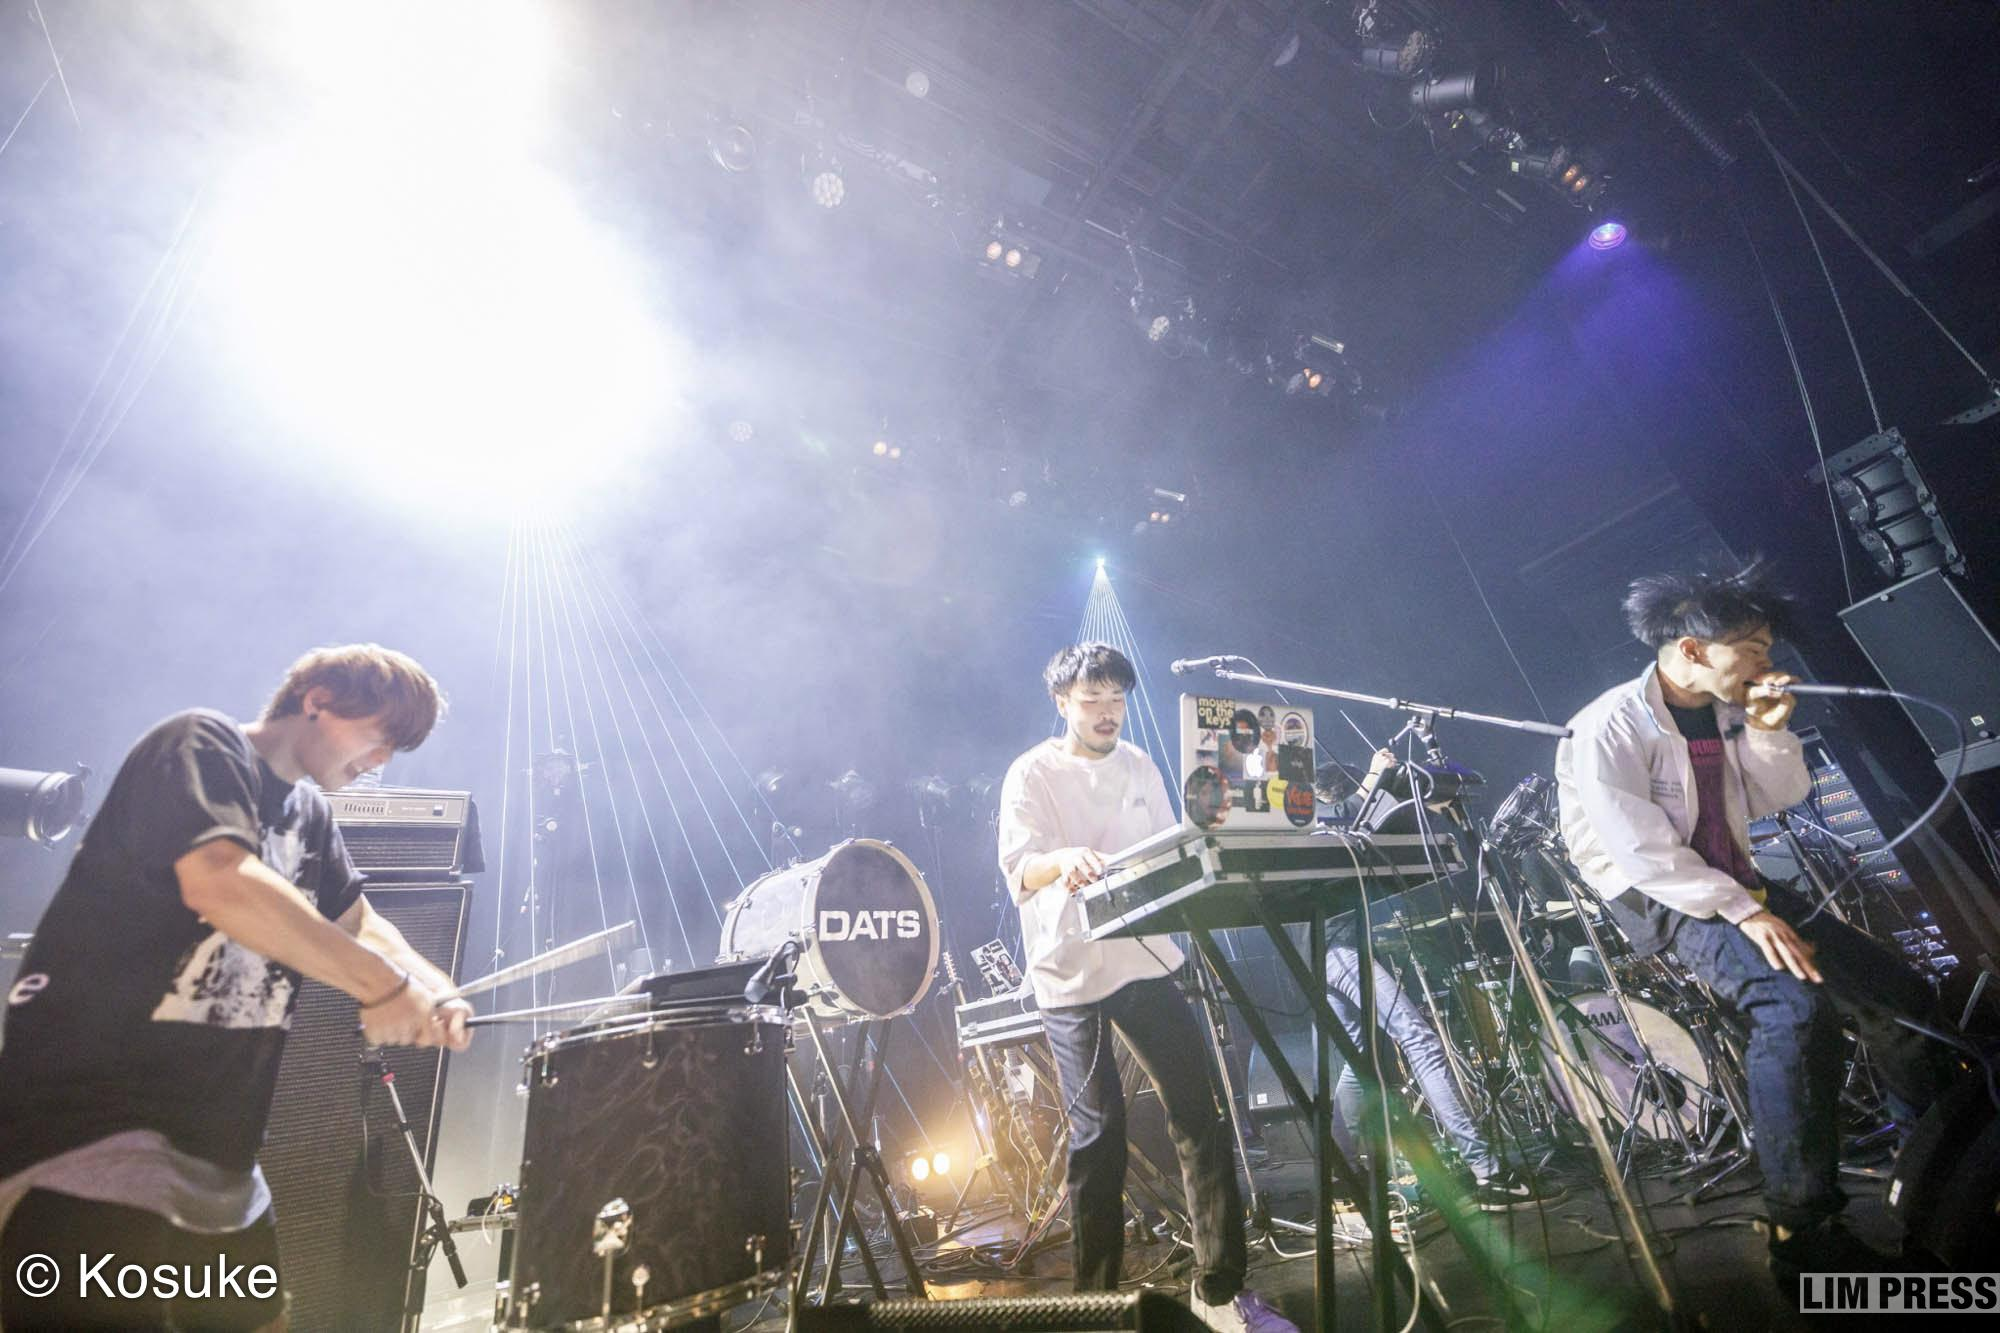 DATS | 渋谷 WWW X | 2018.02.10